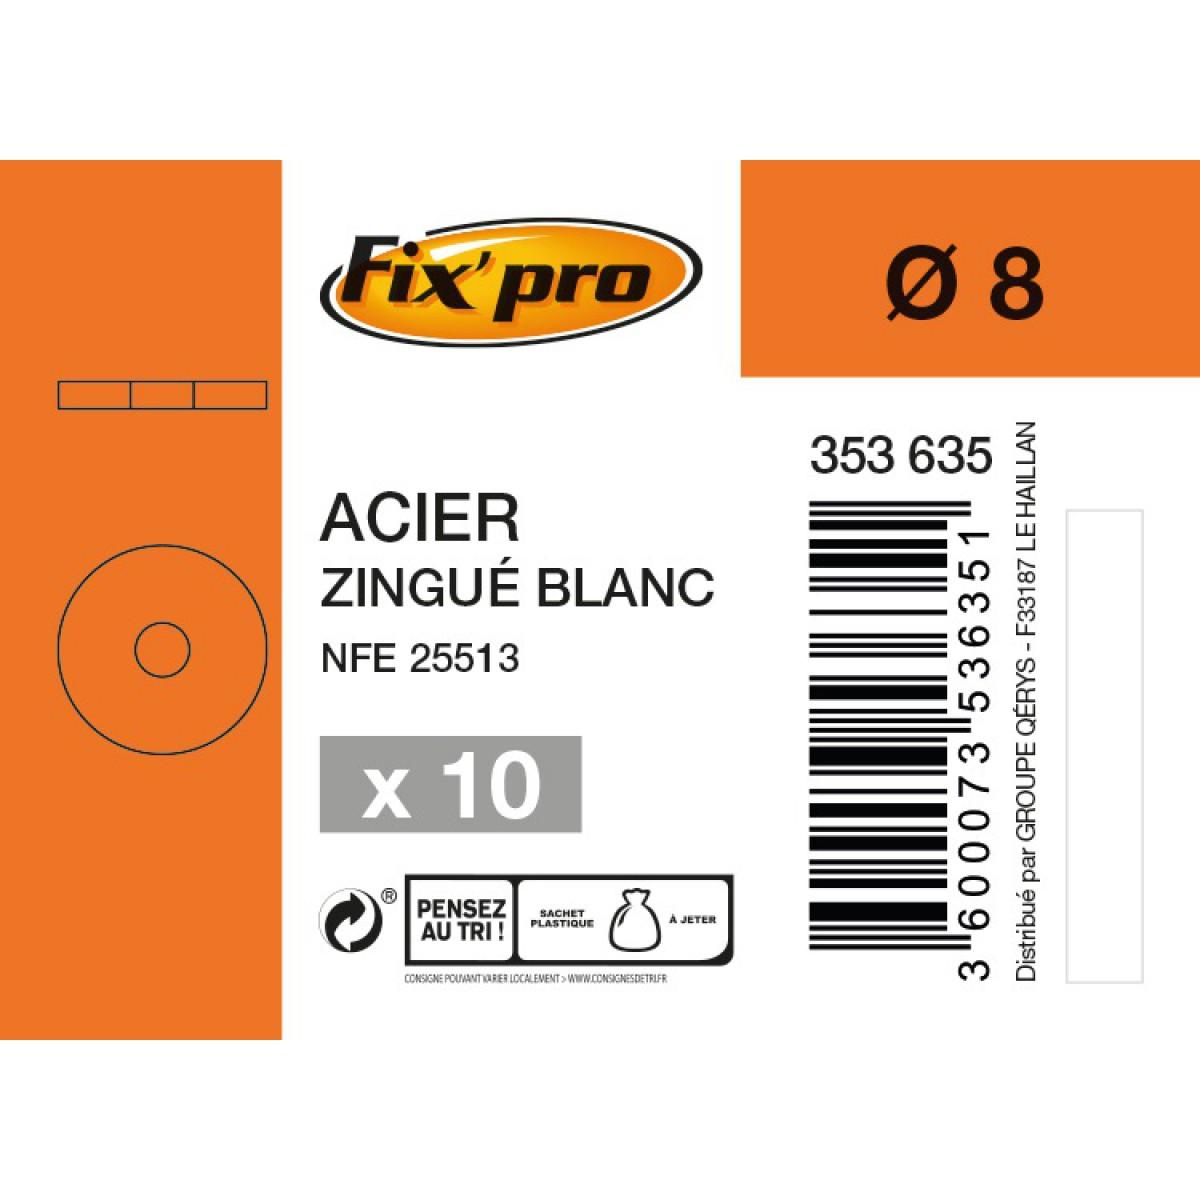 Rondelle carrossier acier zingué - Ø8mm - 10pces - Fixpro